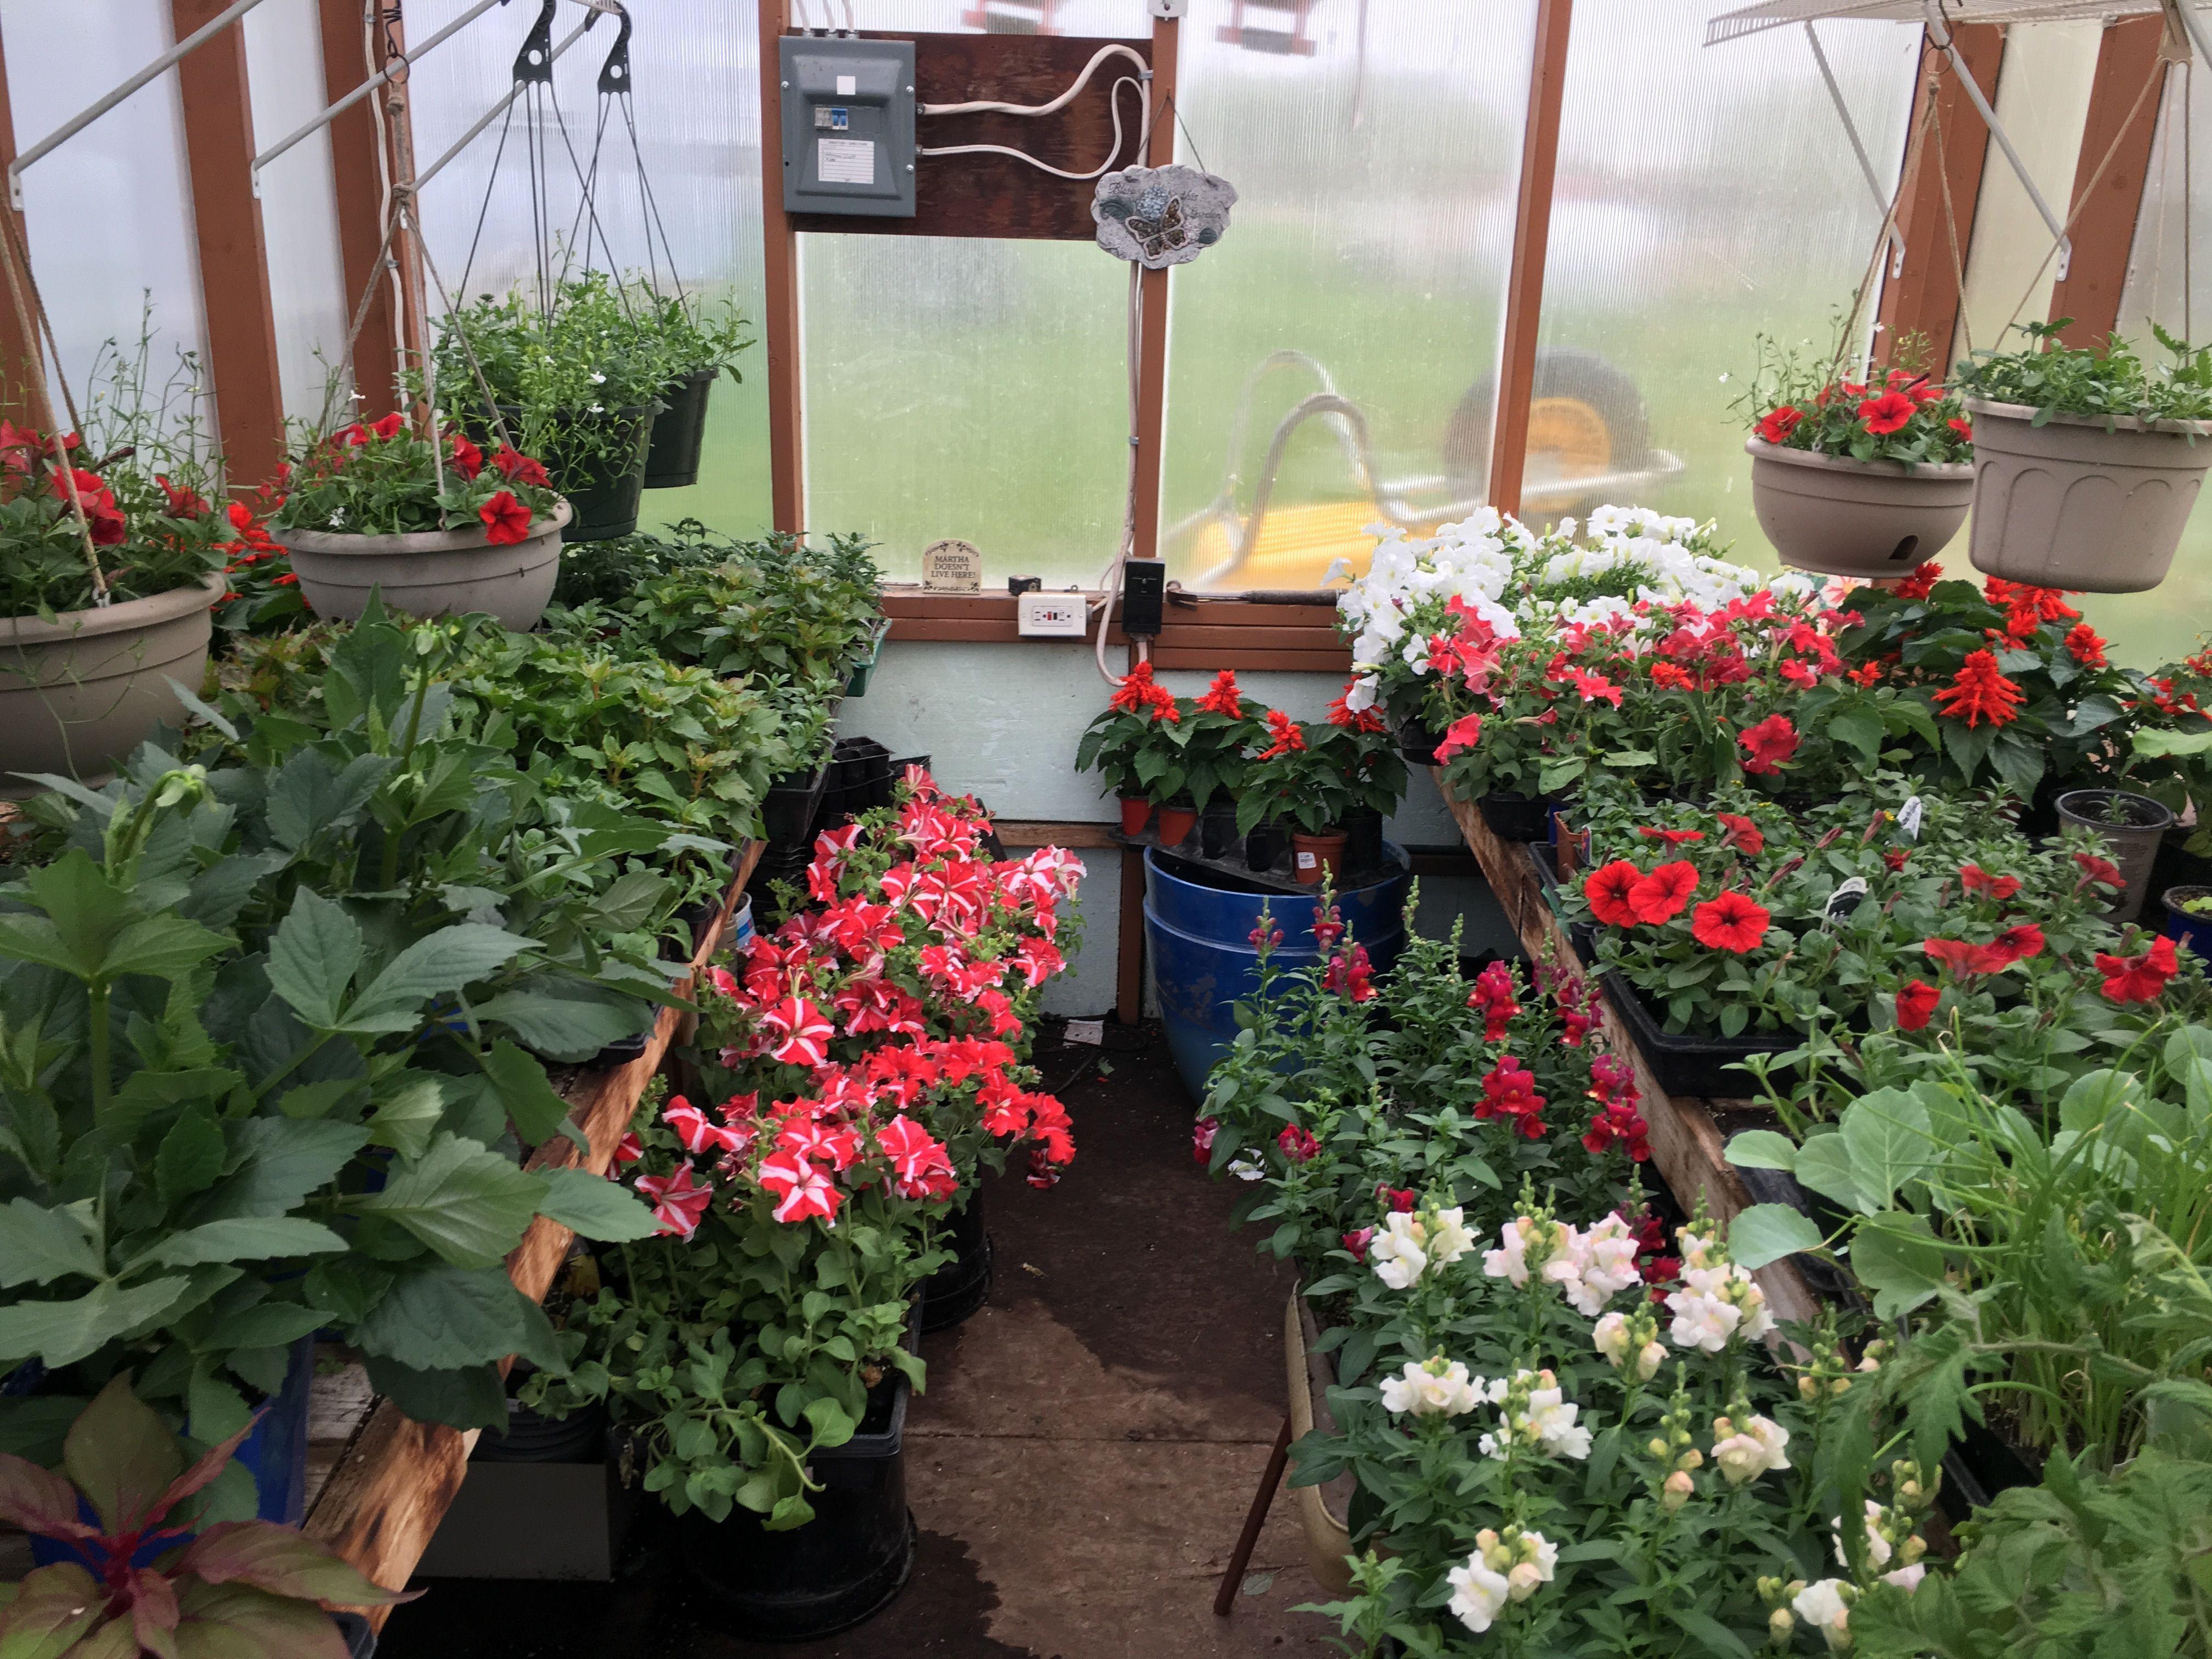 Backyard greenhouse growing plants indoors backyard